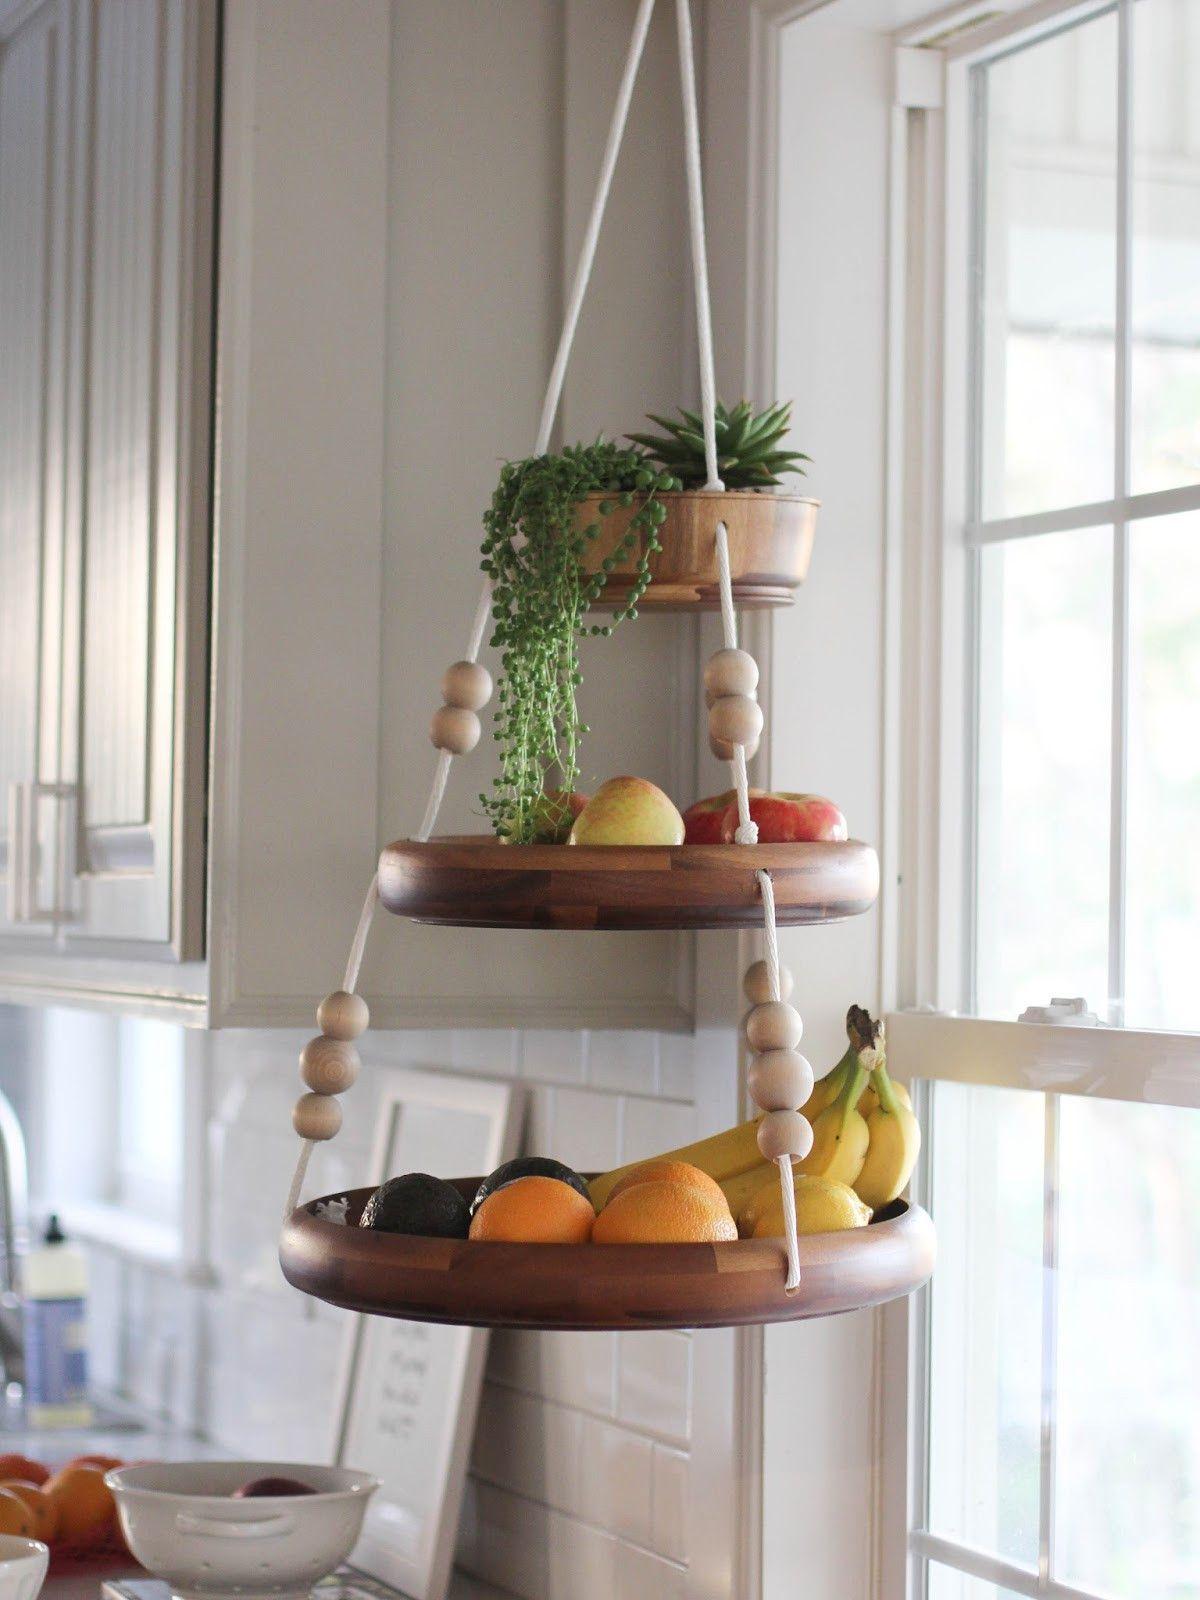 590de30f4bc866c5763052b1461bf205 Meilleur De De Table Pour Cuisine Des Idées